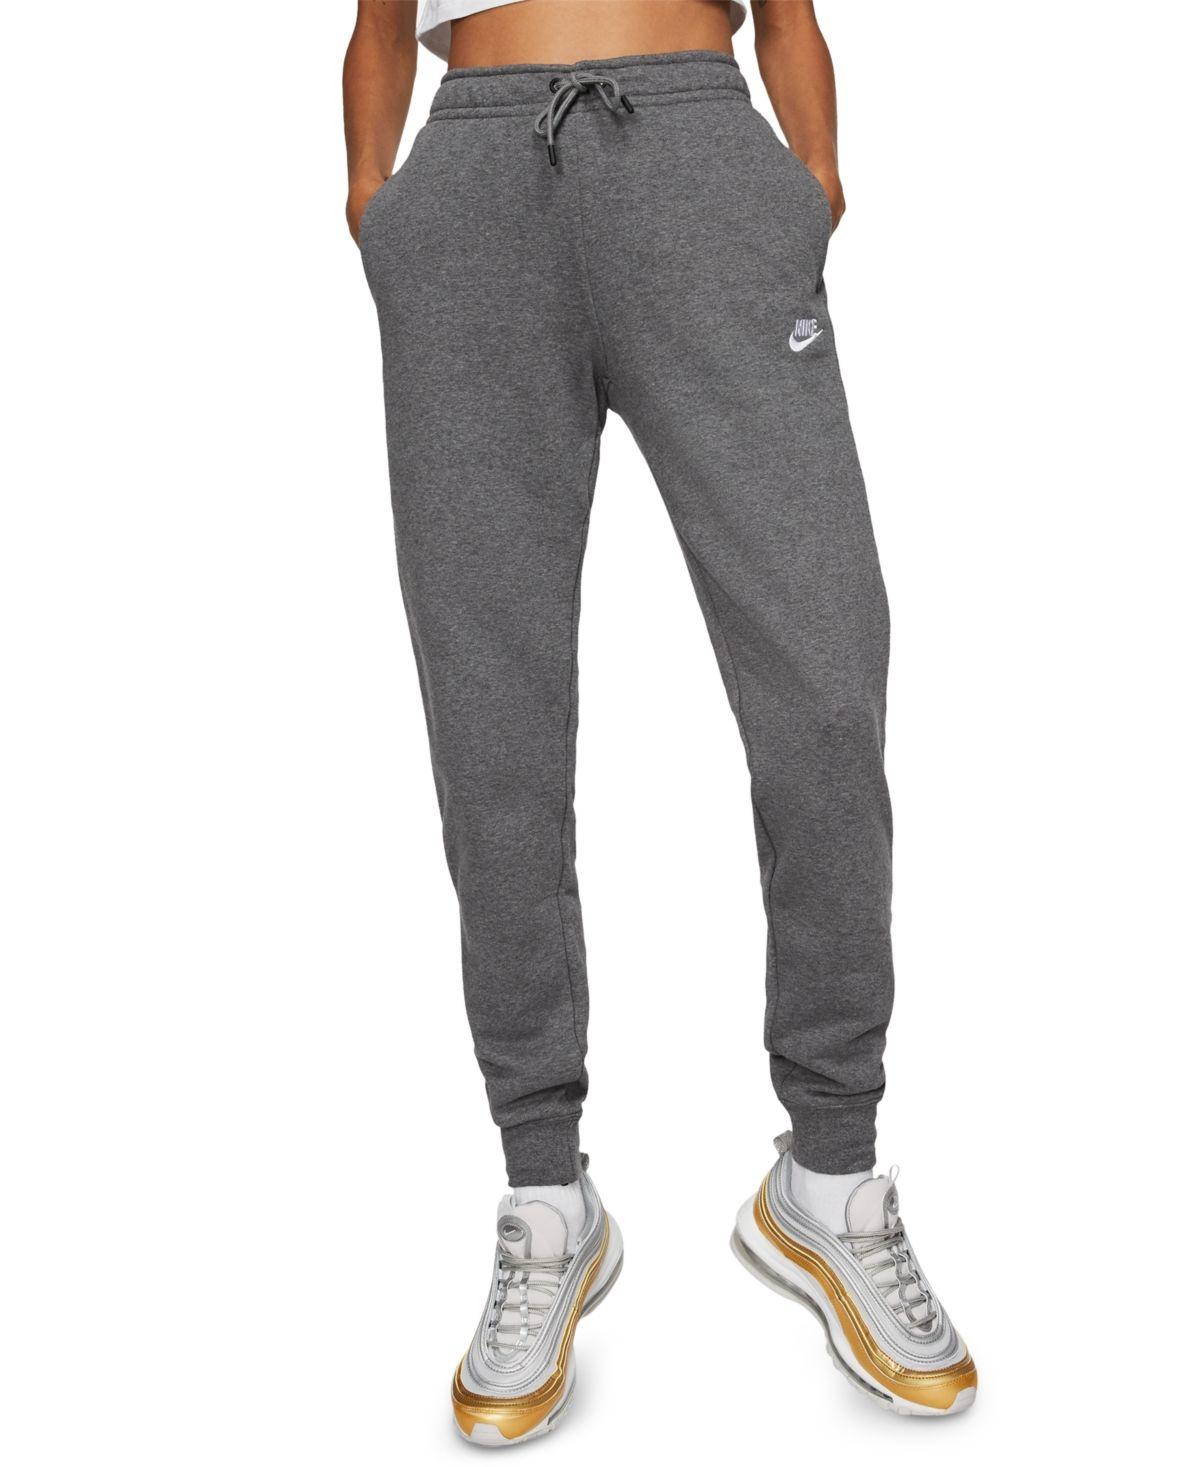 Nike Women's Sportswear Essential Fleece Joggers - Charcoal ...